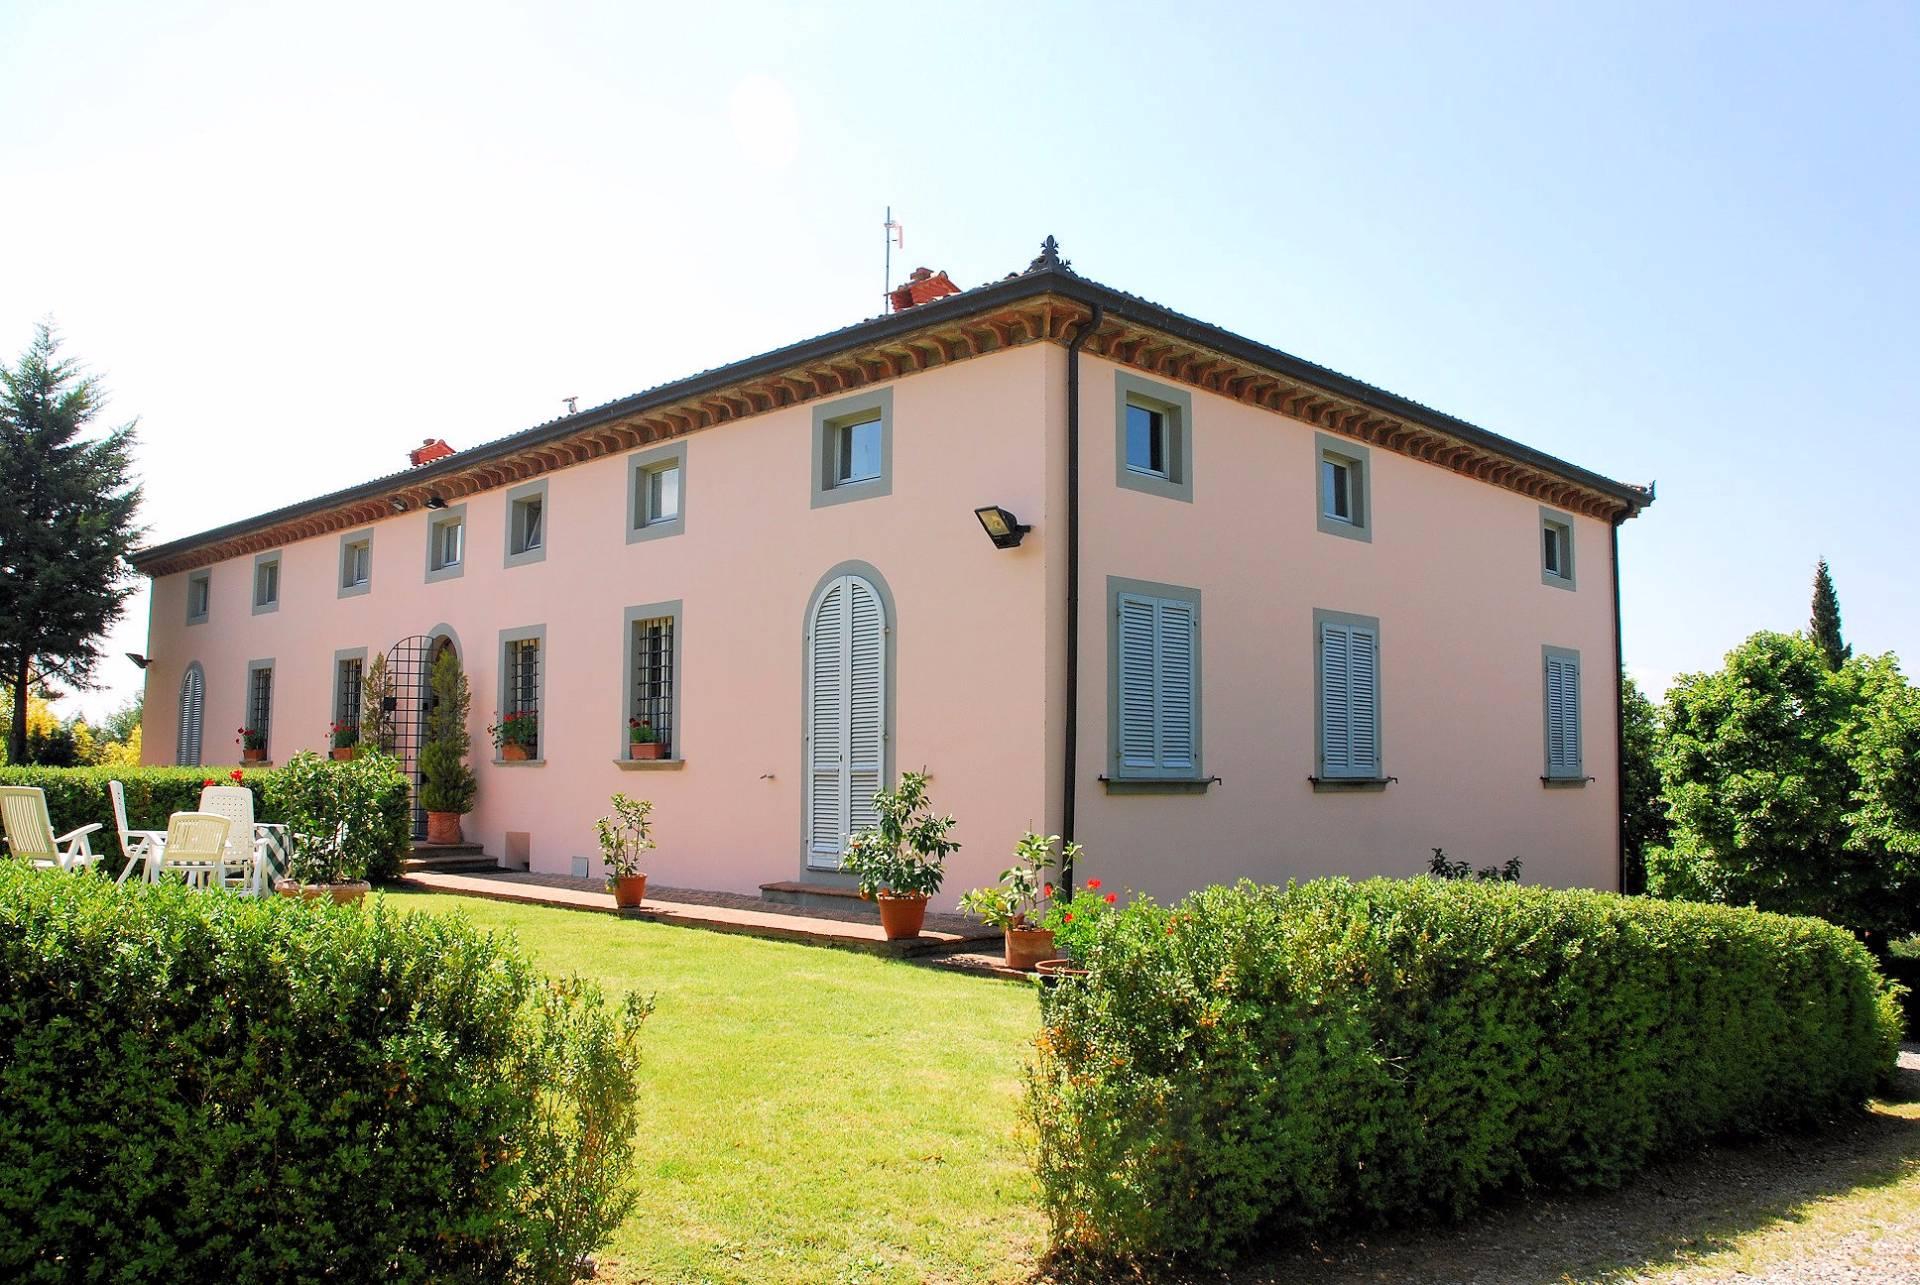 Villa in vendita a Capannori, 19 locali, Trattative riservate | CambioCasa.it